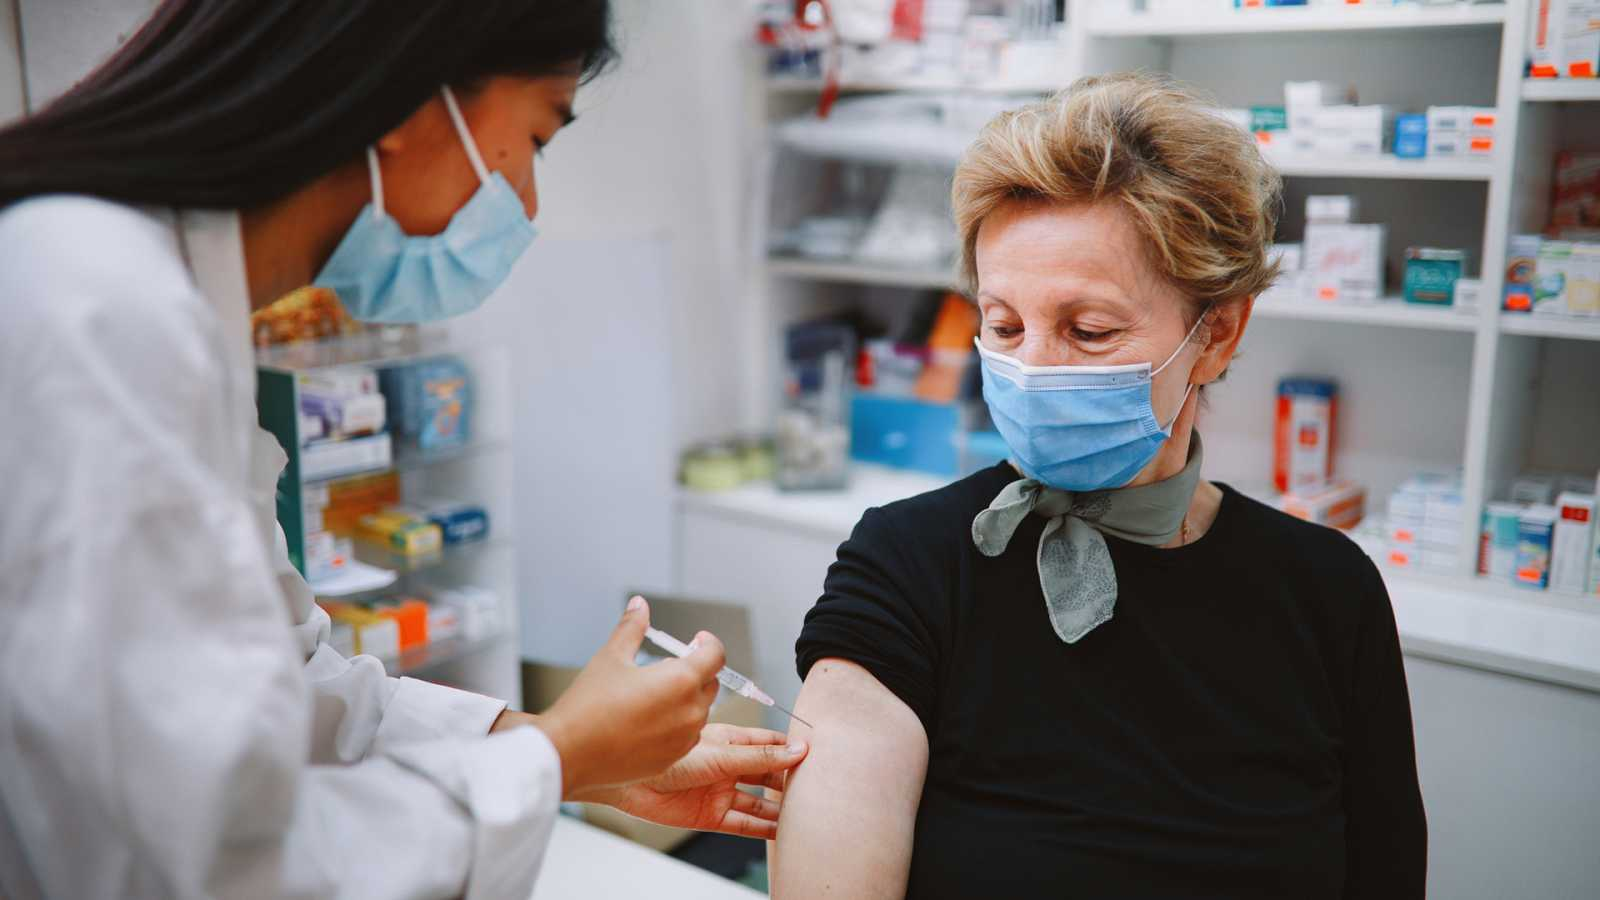 Punto de enlace - Las vacunas contra la COVID son seguras - 16/04/21 - escuchar ahora